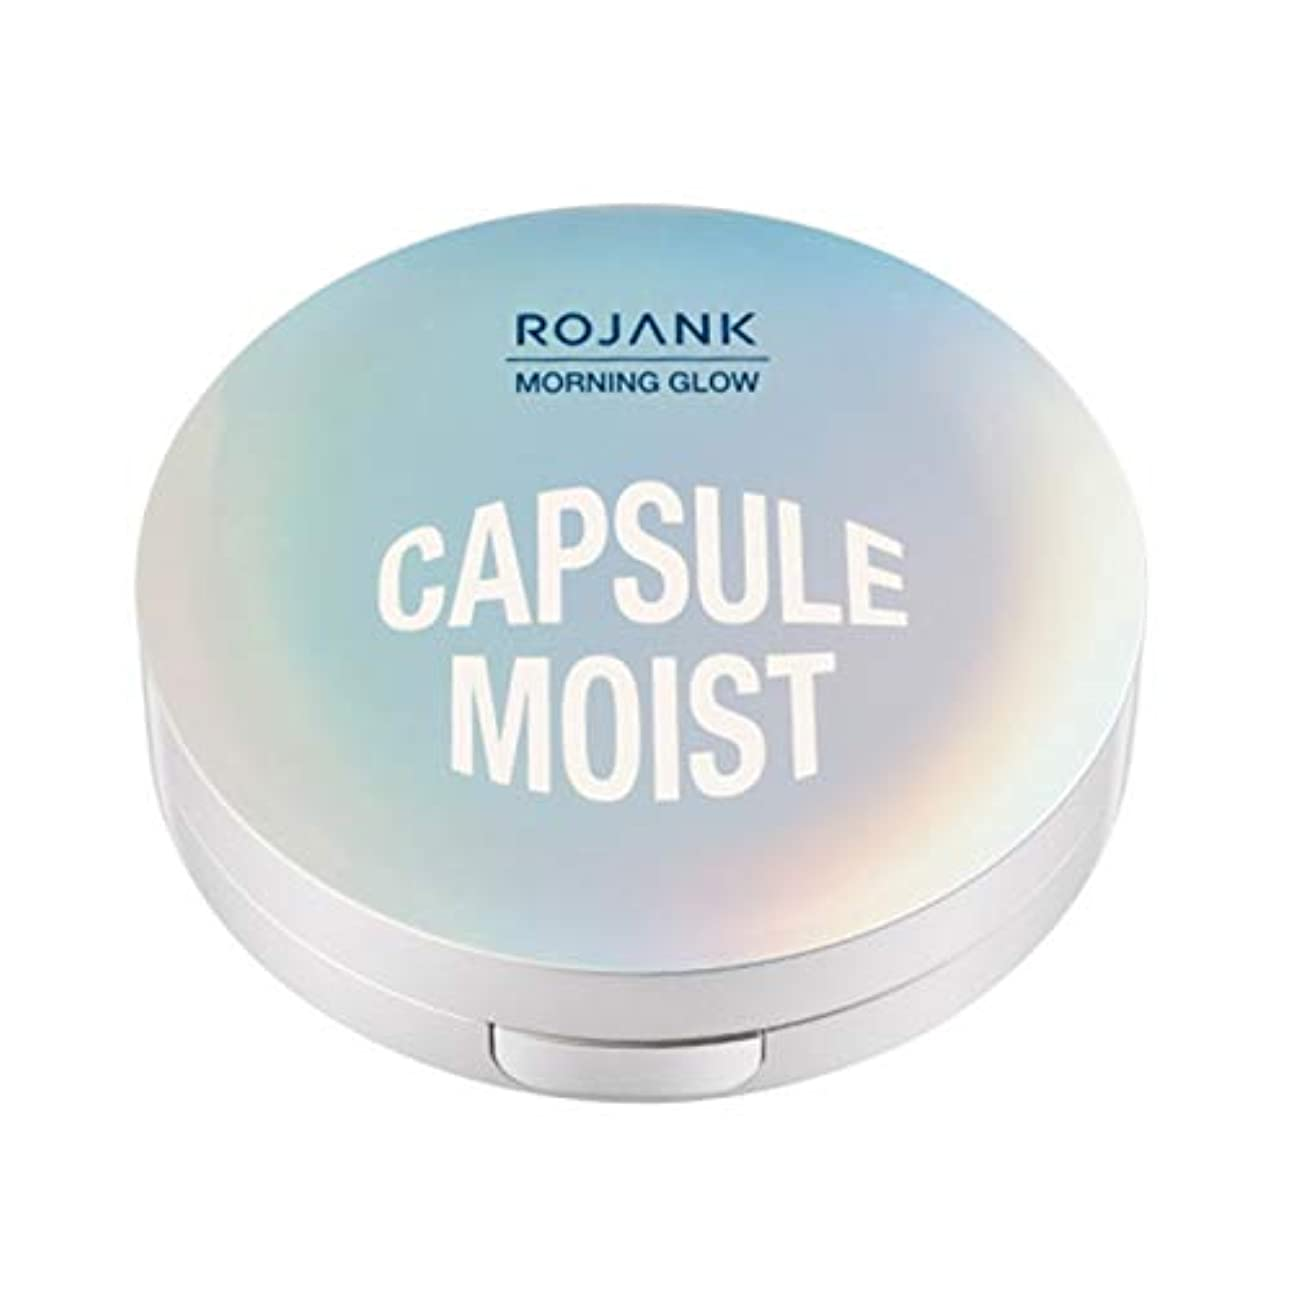 アーティファクト言語ペストリー[ROJANK/ロジャンク] Morning Glow Capsule Moist BB #21 / モーニンググローカプセルモイストBB #21 14g Skingarden/スキンガーデン (#21.Light Beige...